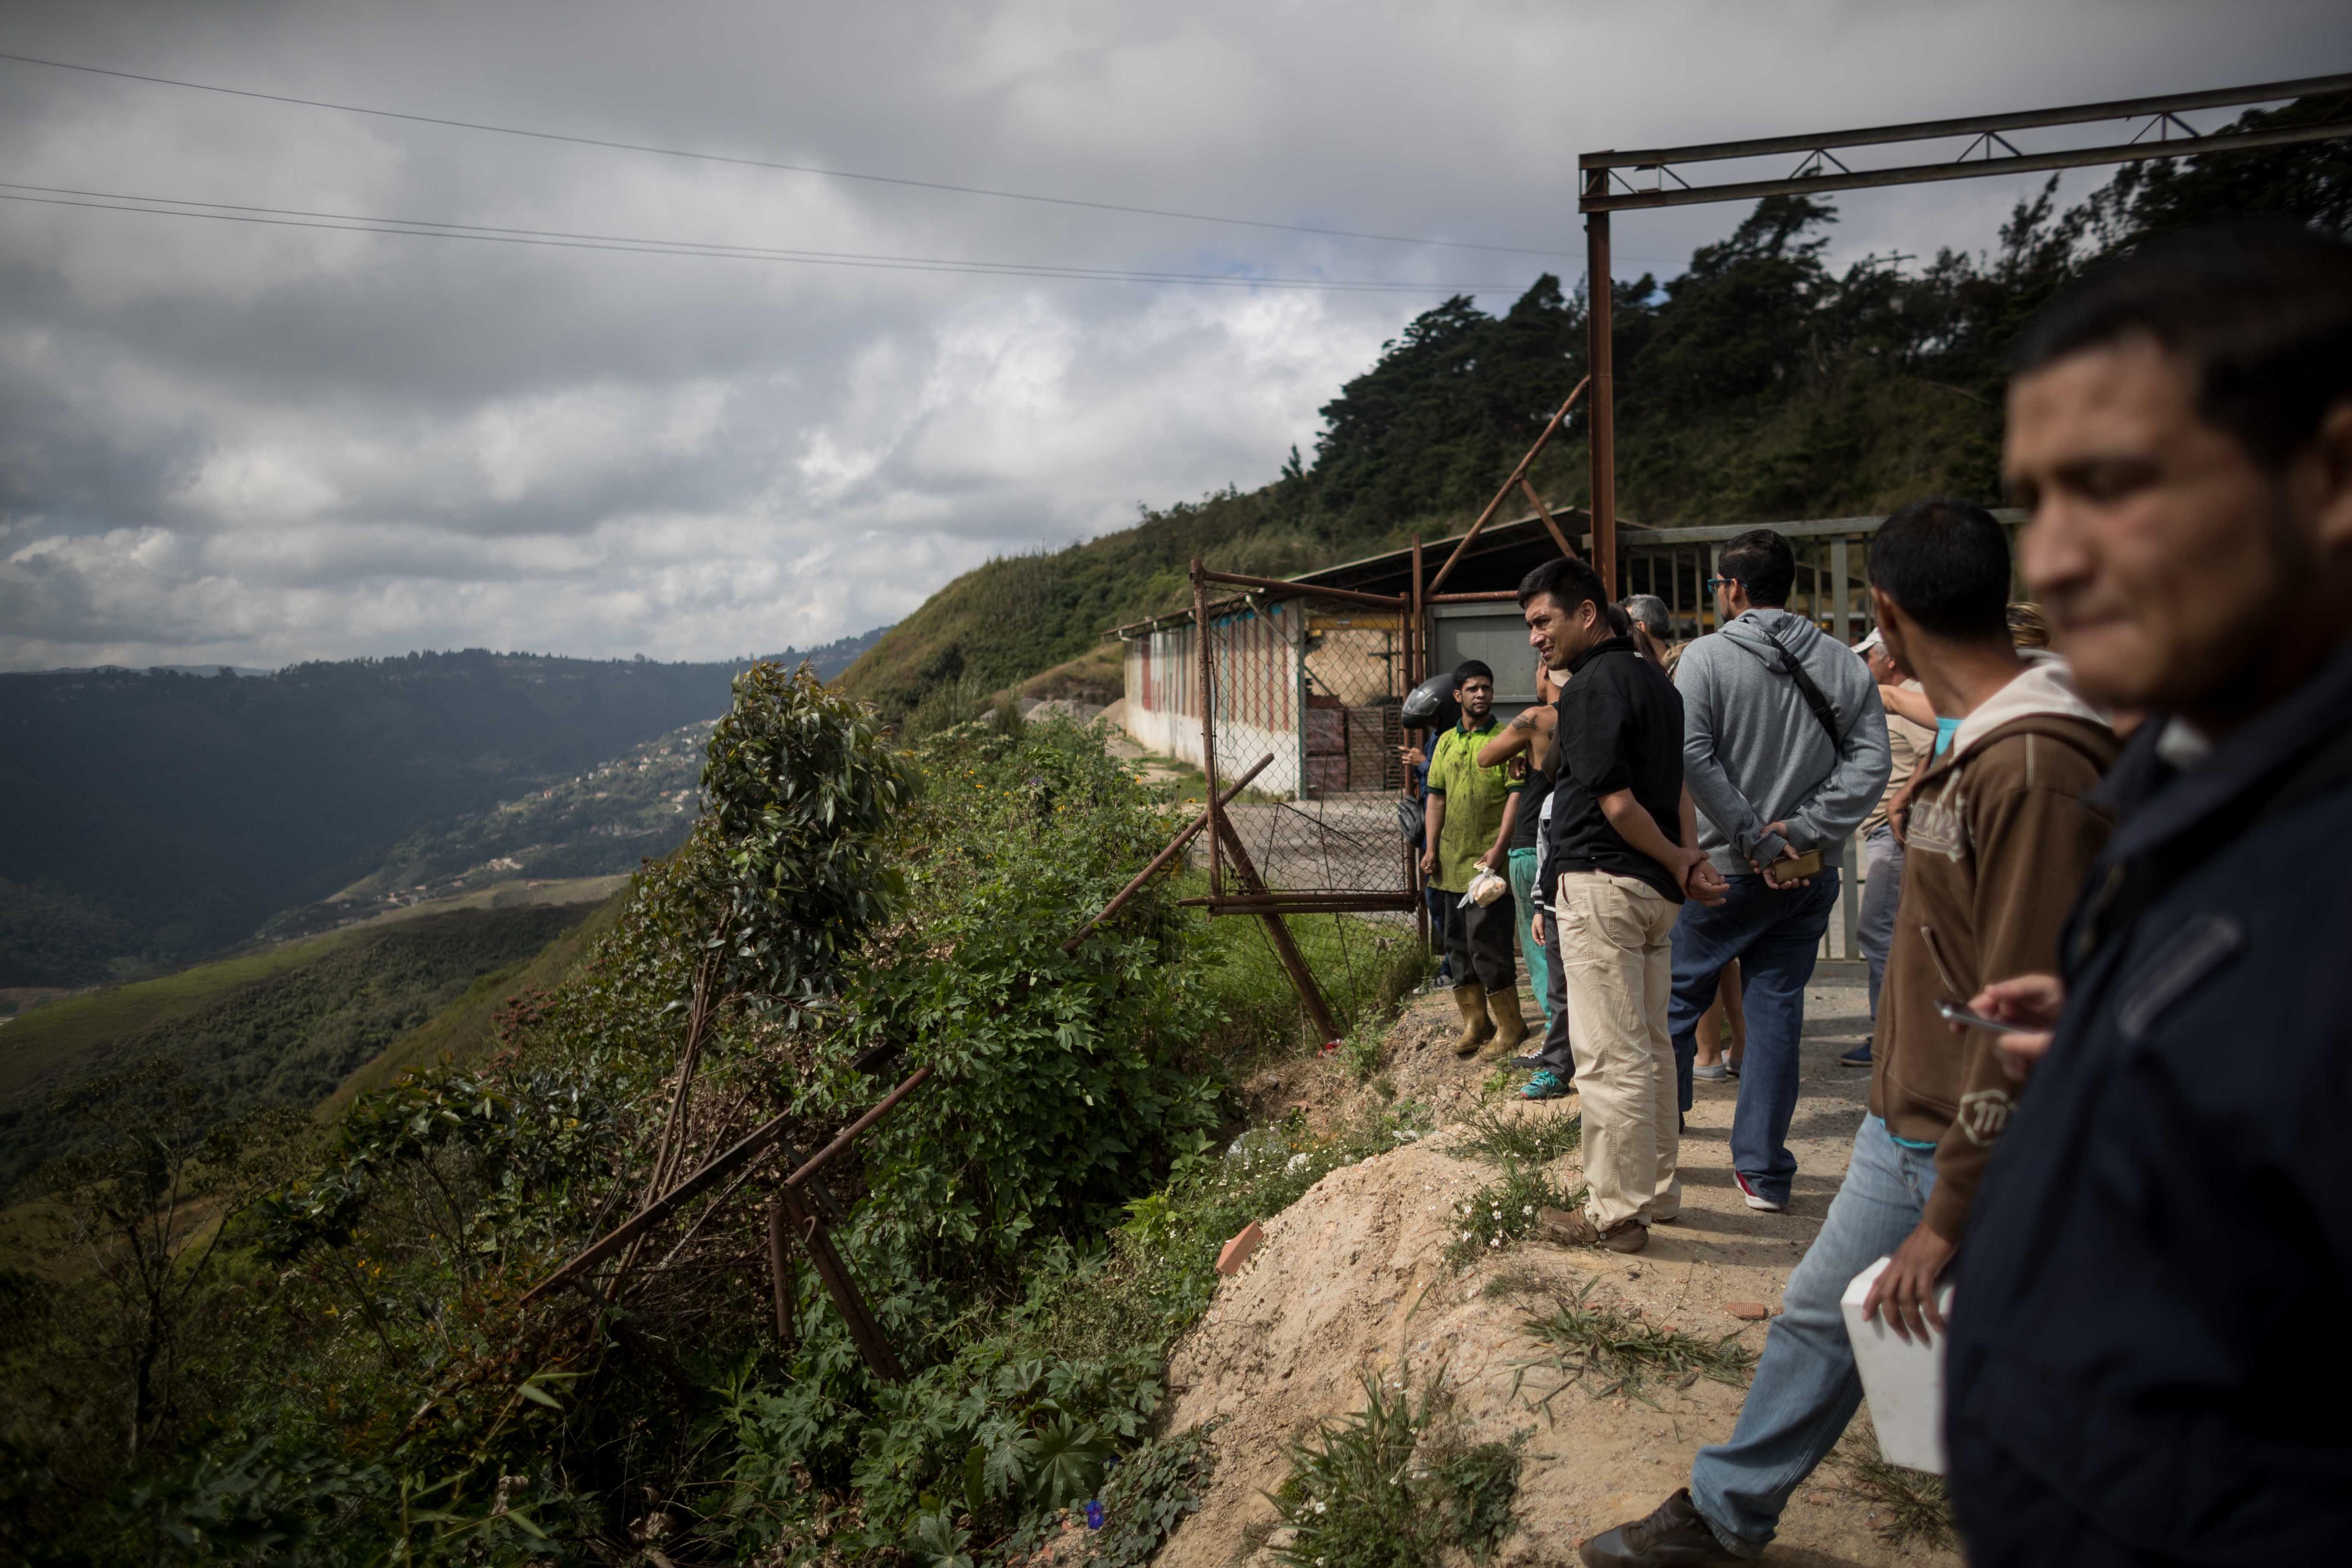 Vecinos observan la operación contra el grupo liderado por el policía Óscar Pérez hoy, lunes 15 de enero de 2018, en el barrio El Junquito, en Caracas